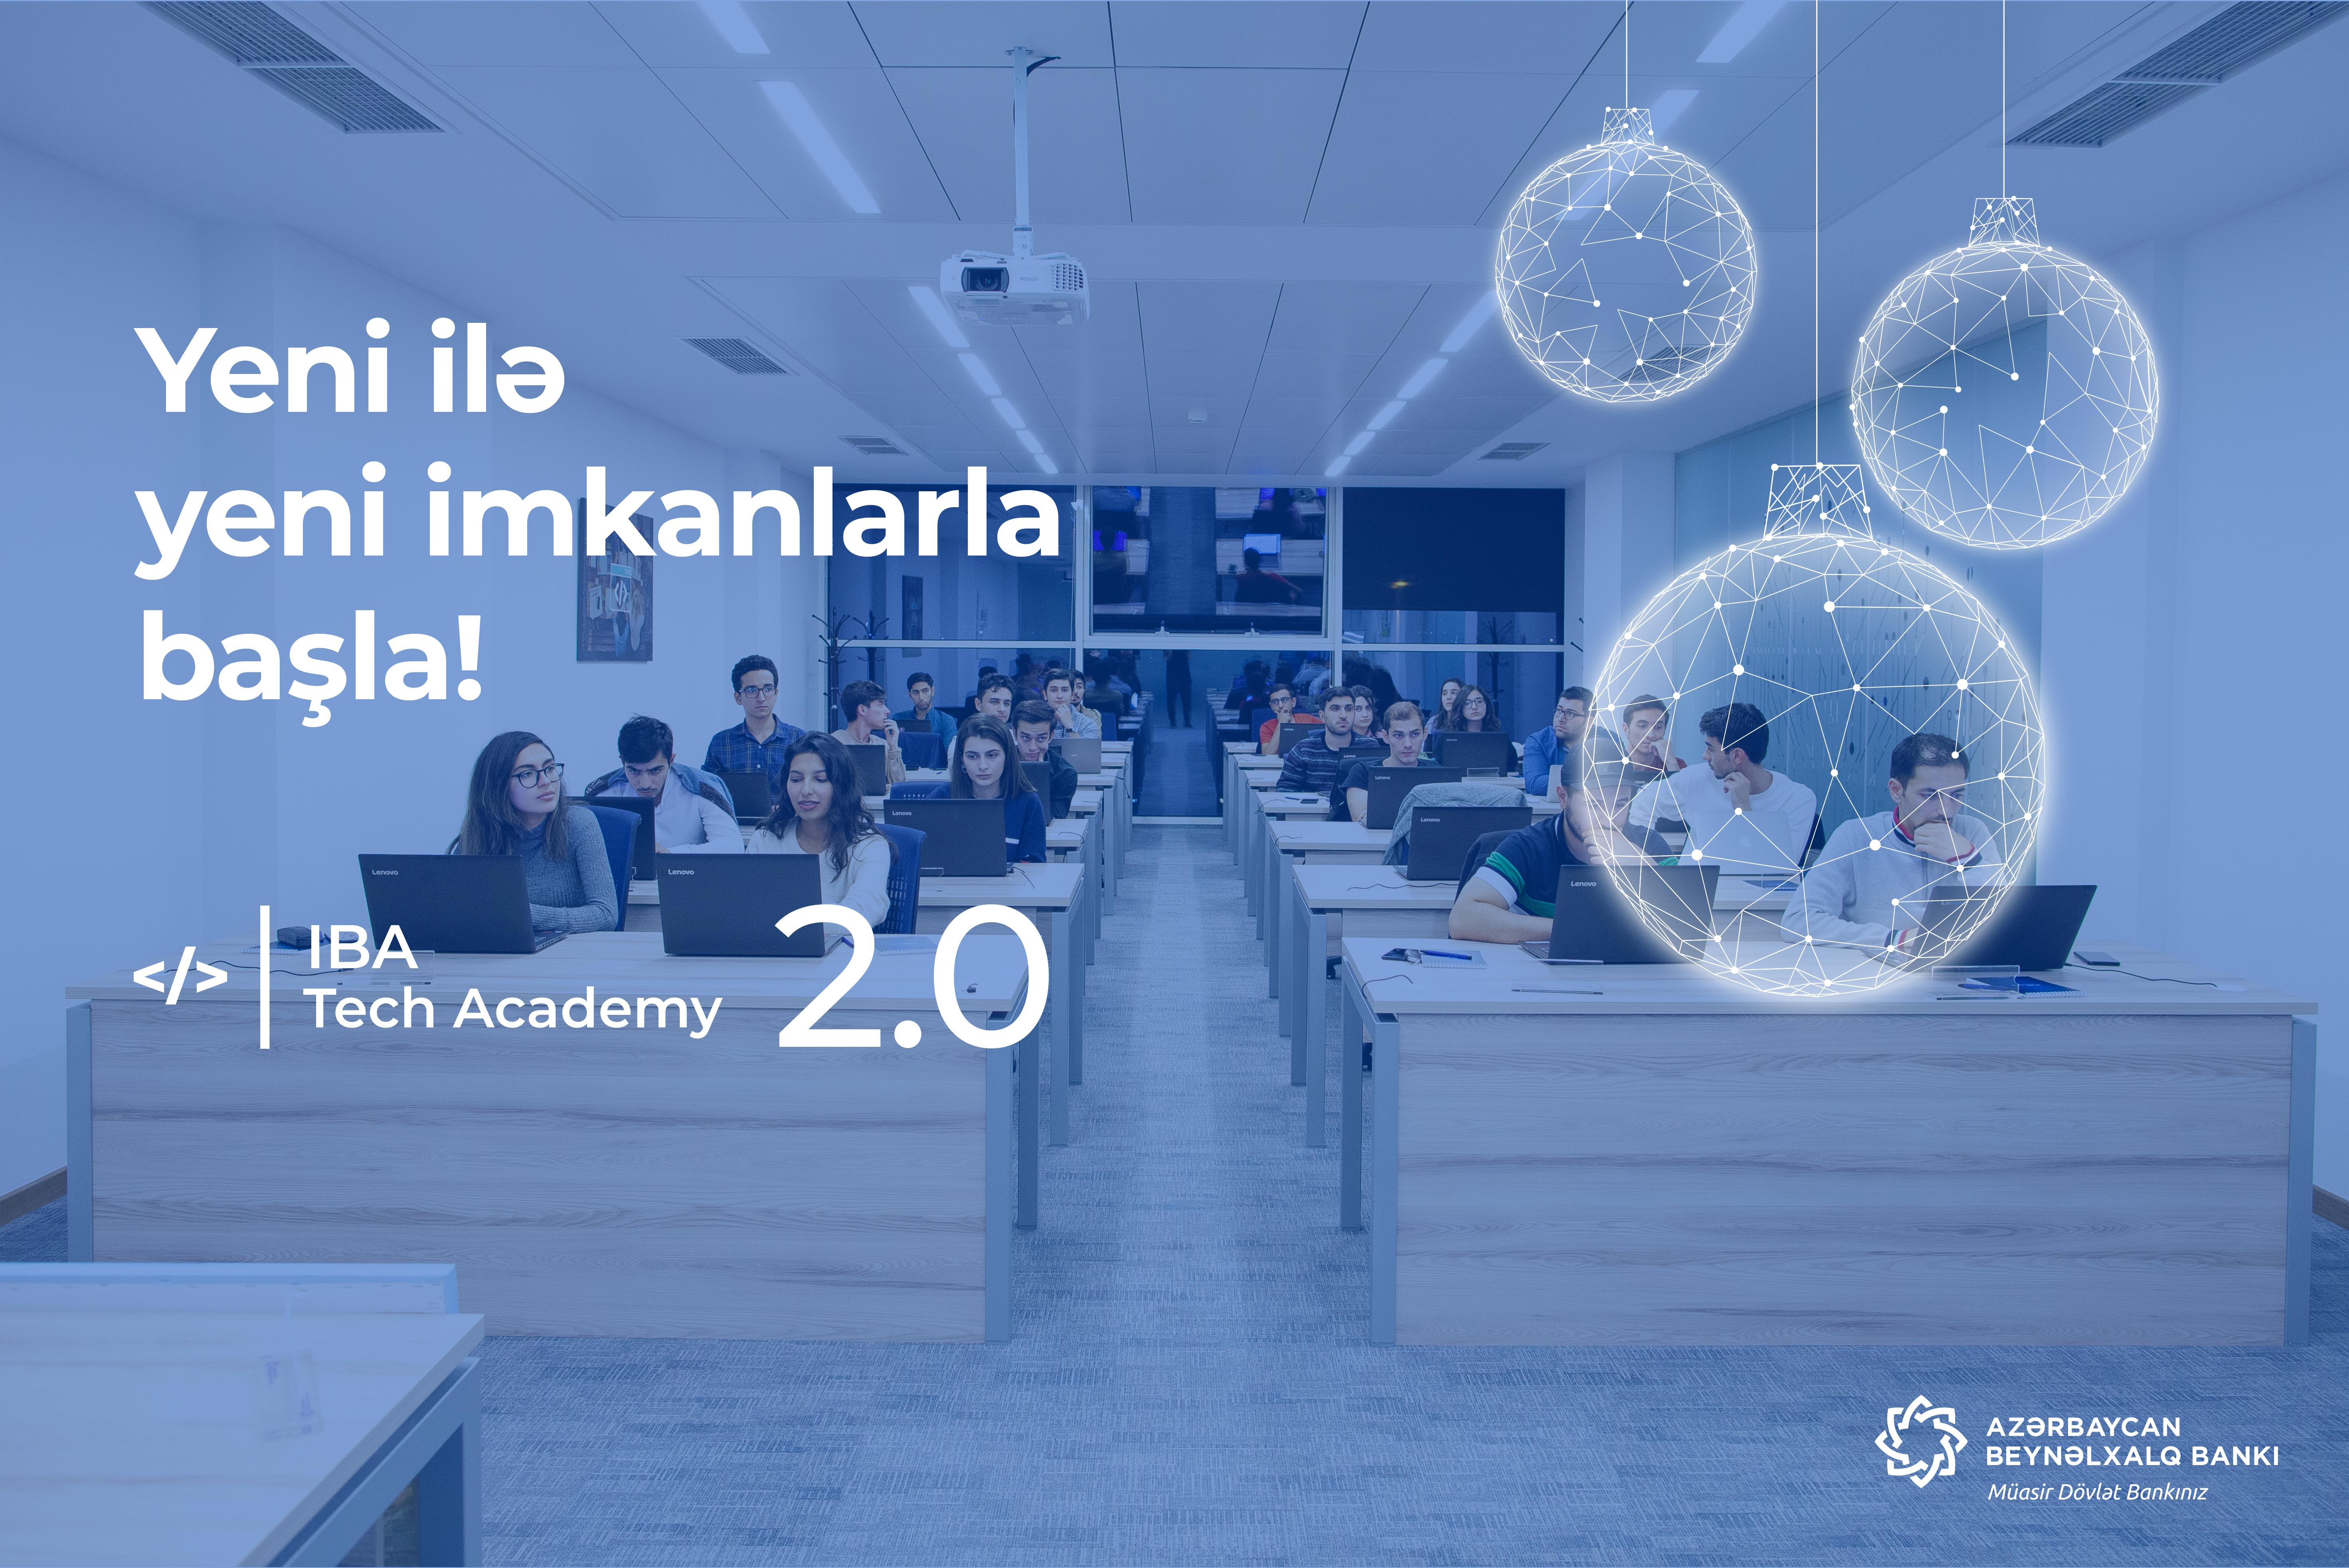 IBA Tech Academy объявила о старте второго набора также для мобильных разработчиков